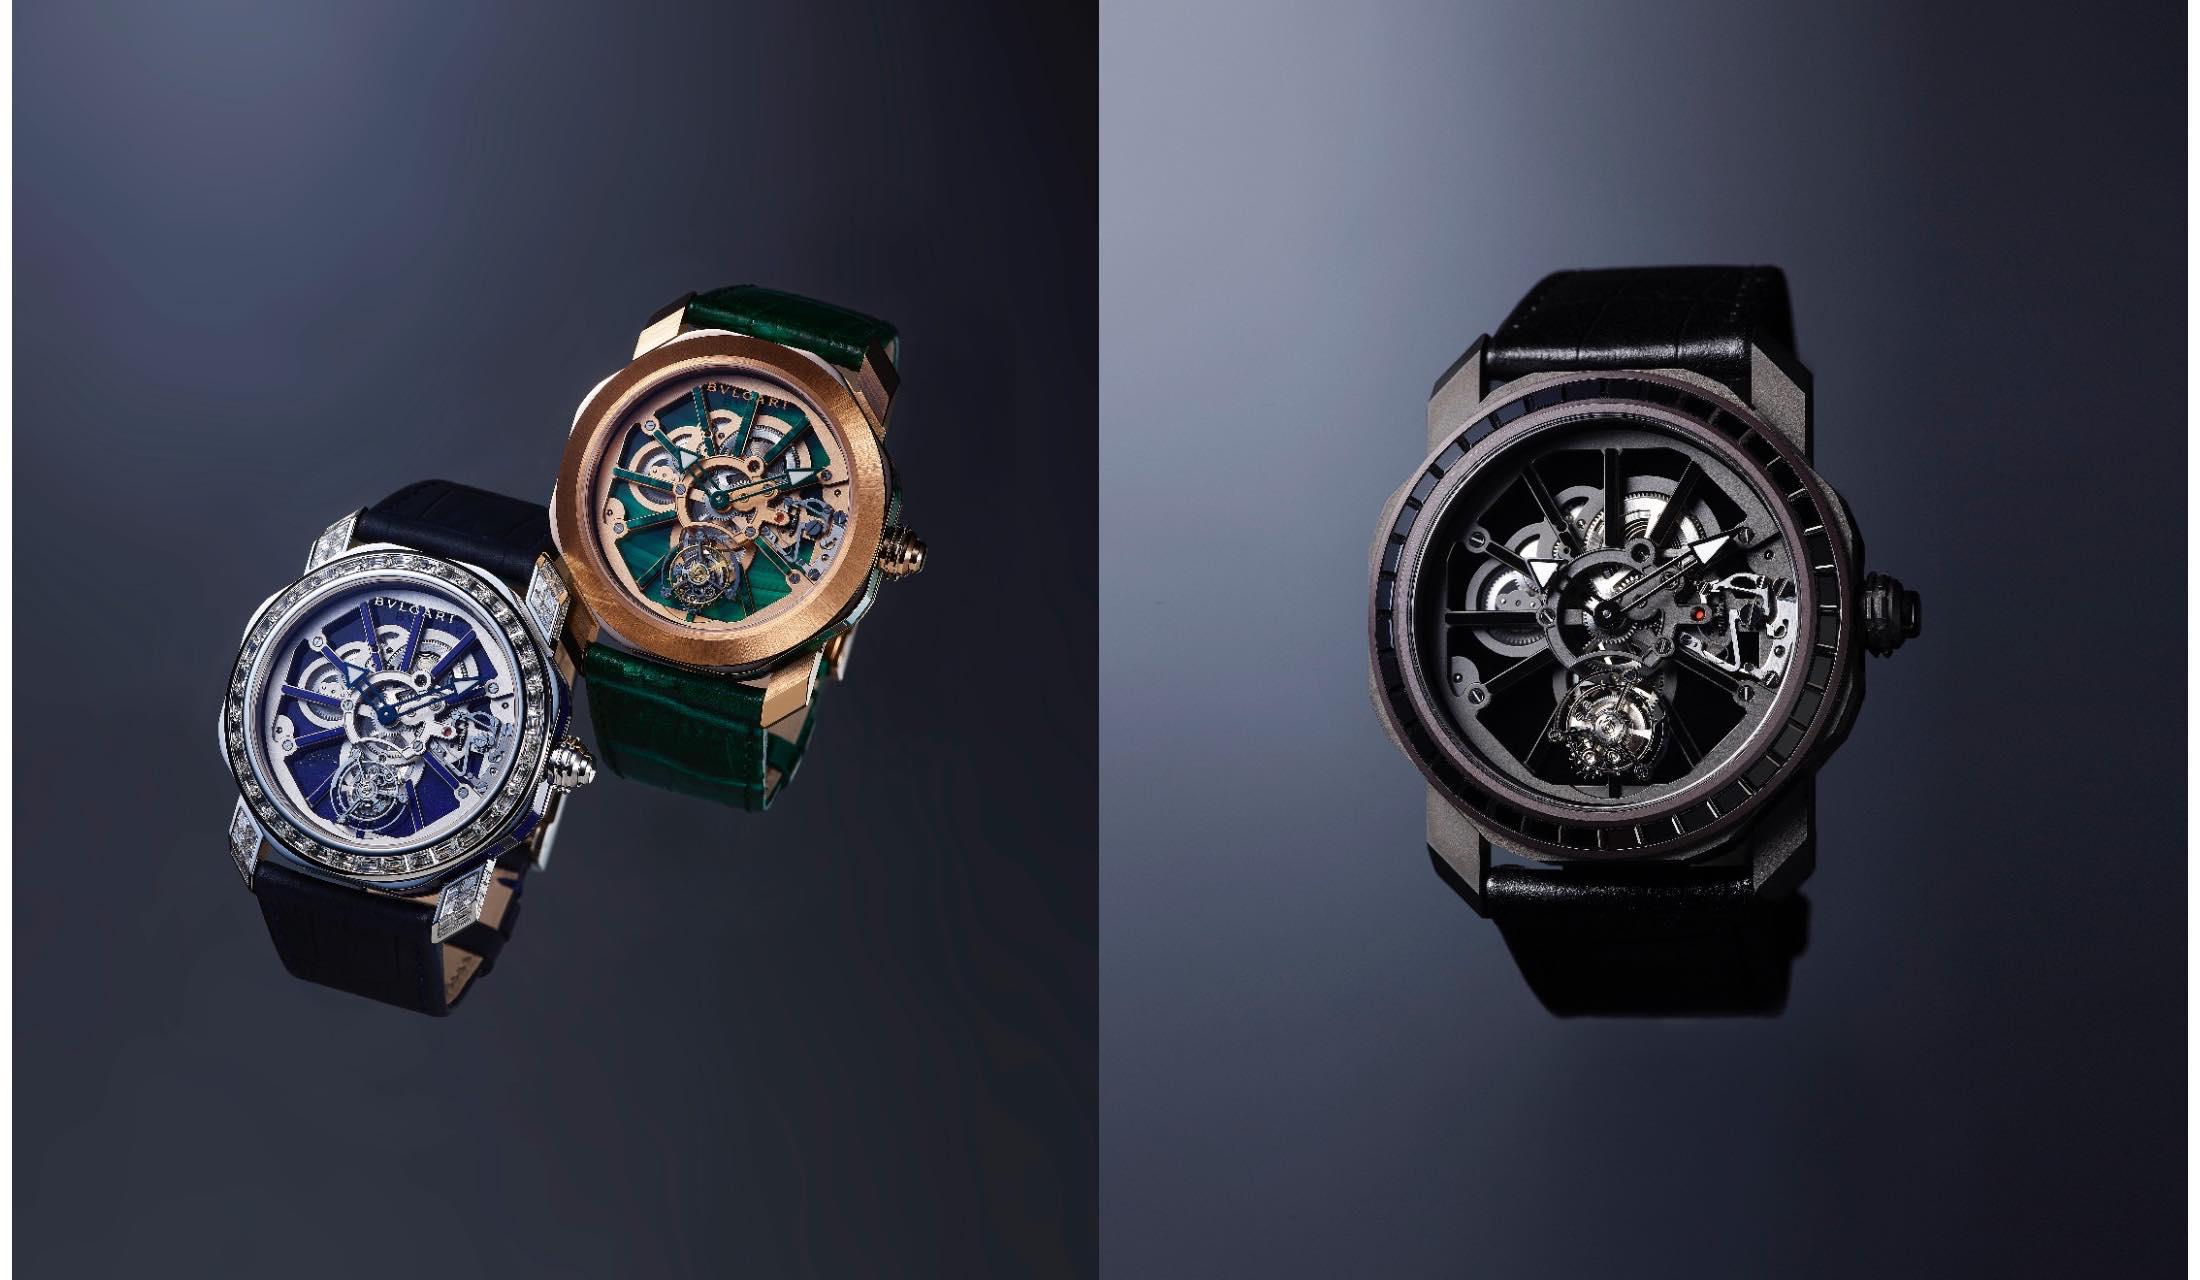 ブルガリの時計「オクト ローマ ナチュラリア」